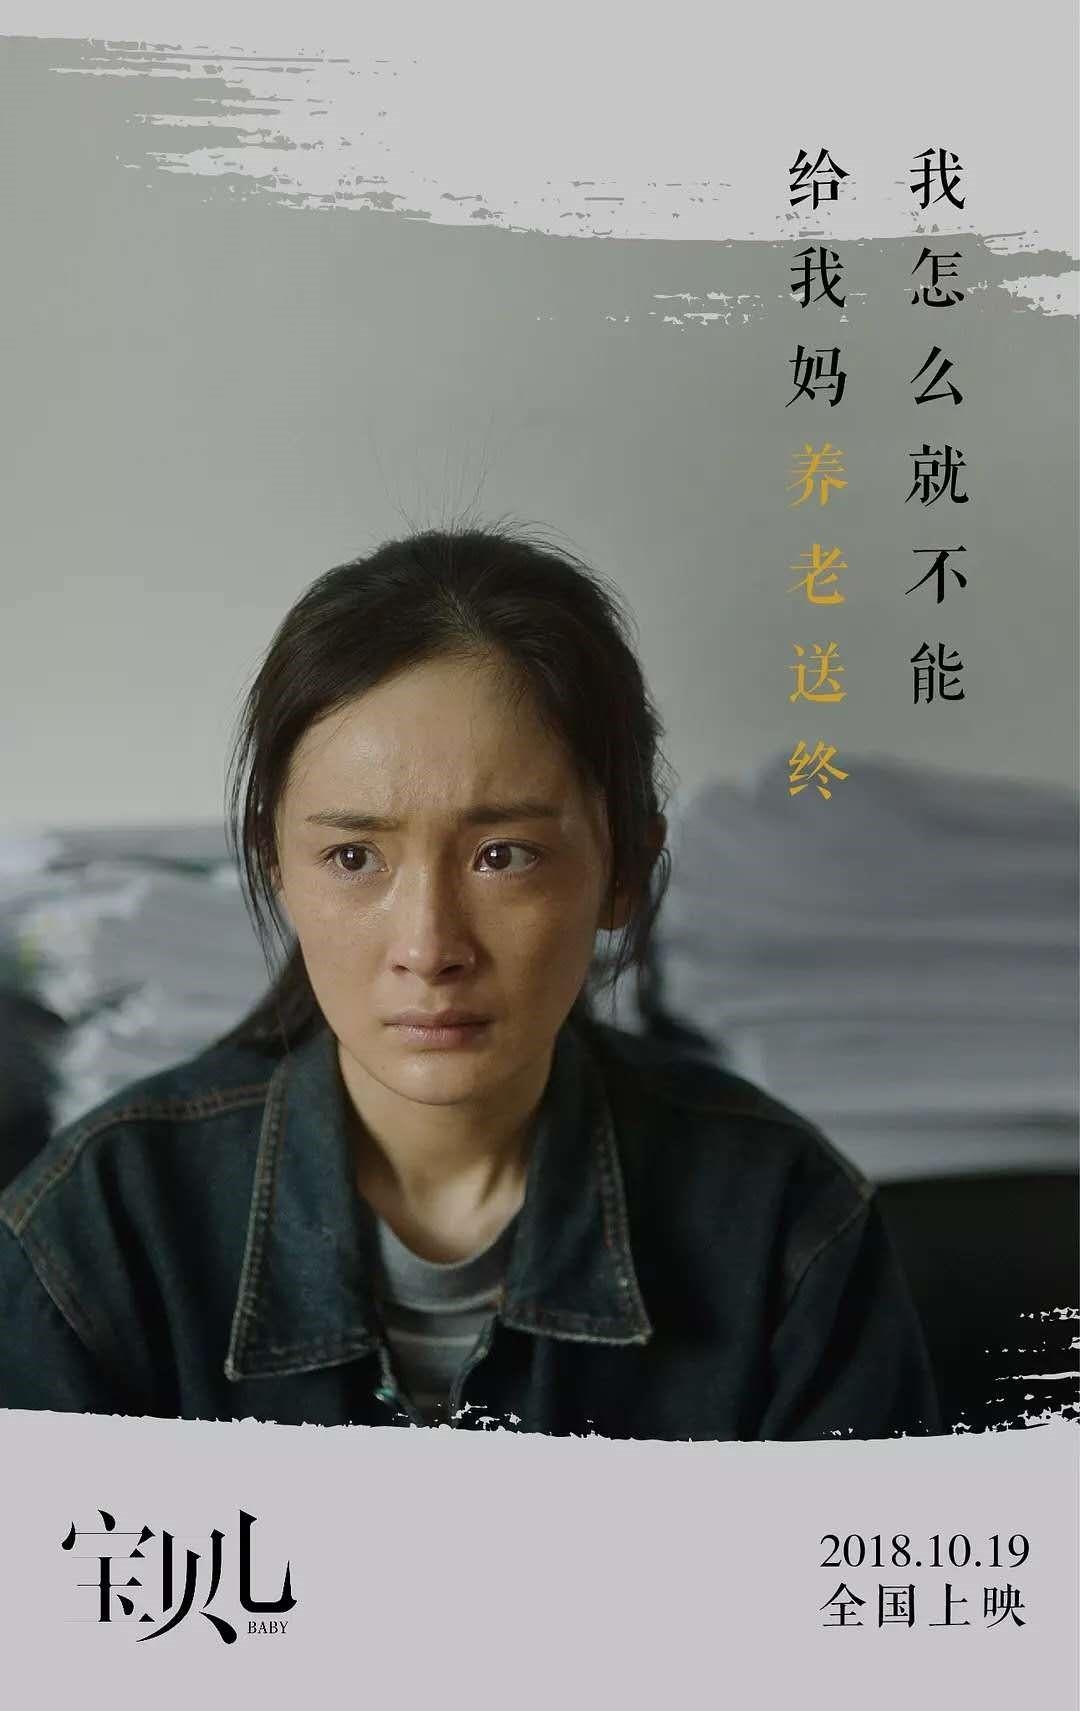 杨幂电影《宝贝儿》票房与评分双低 谁来背锅?